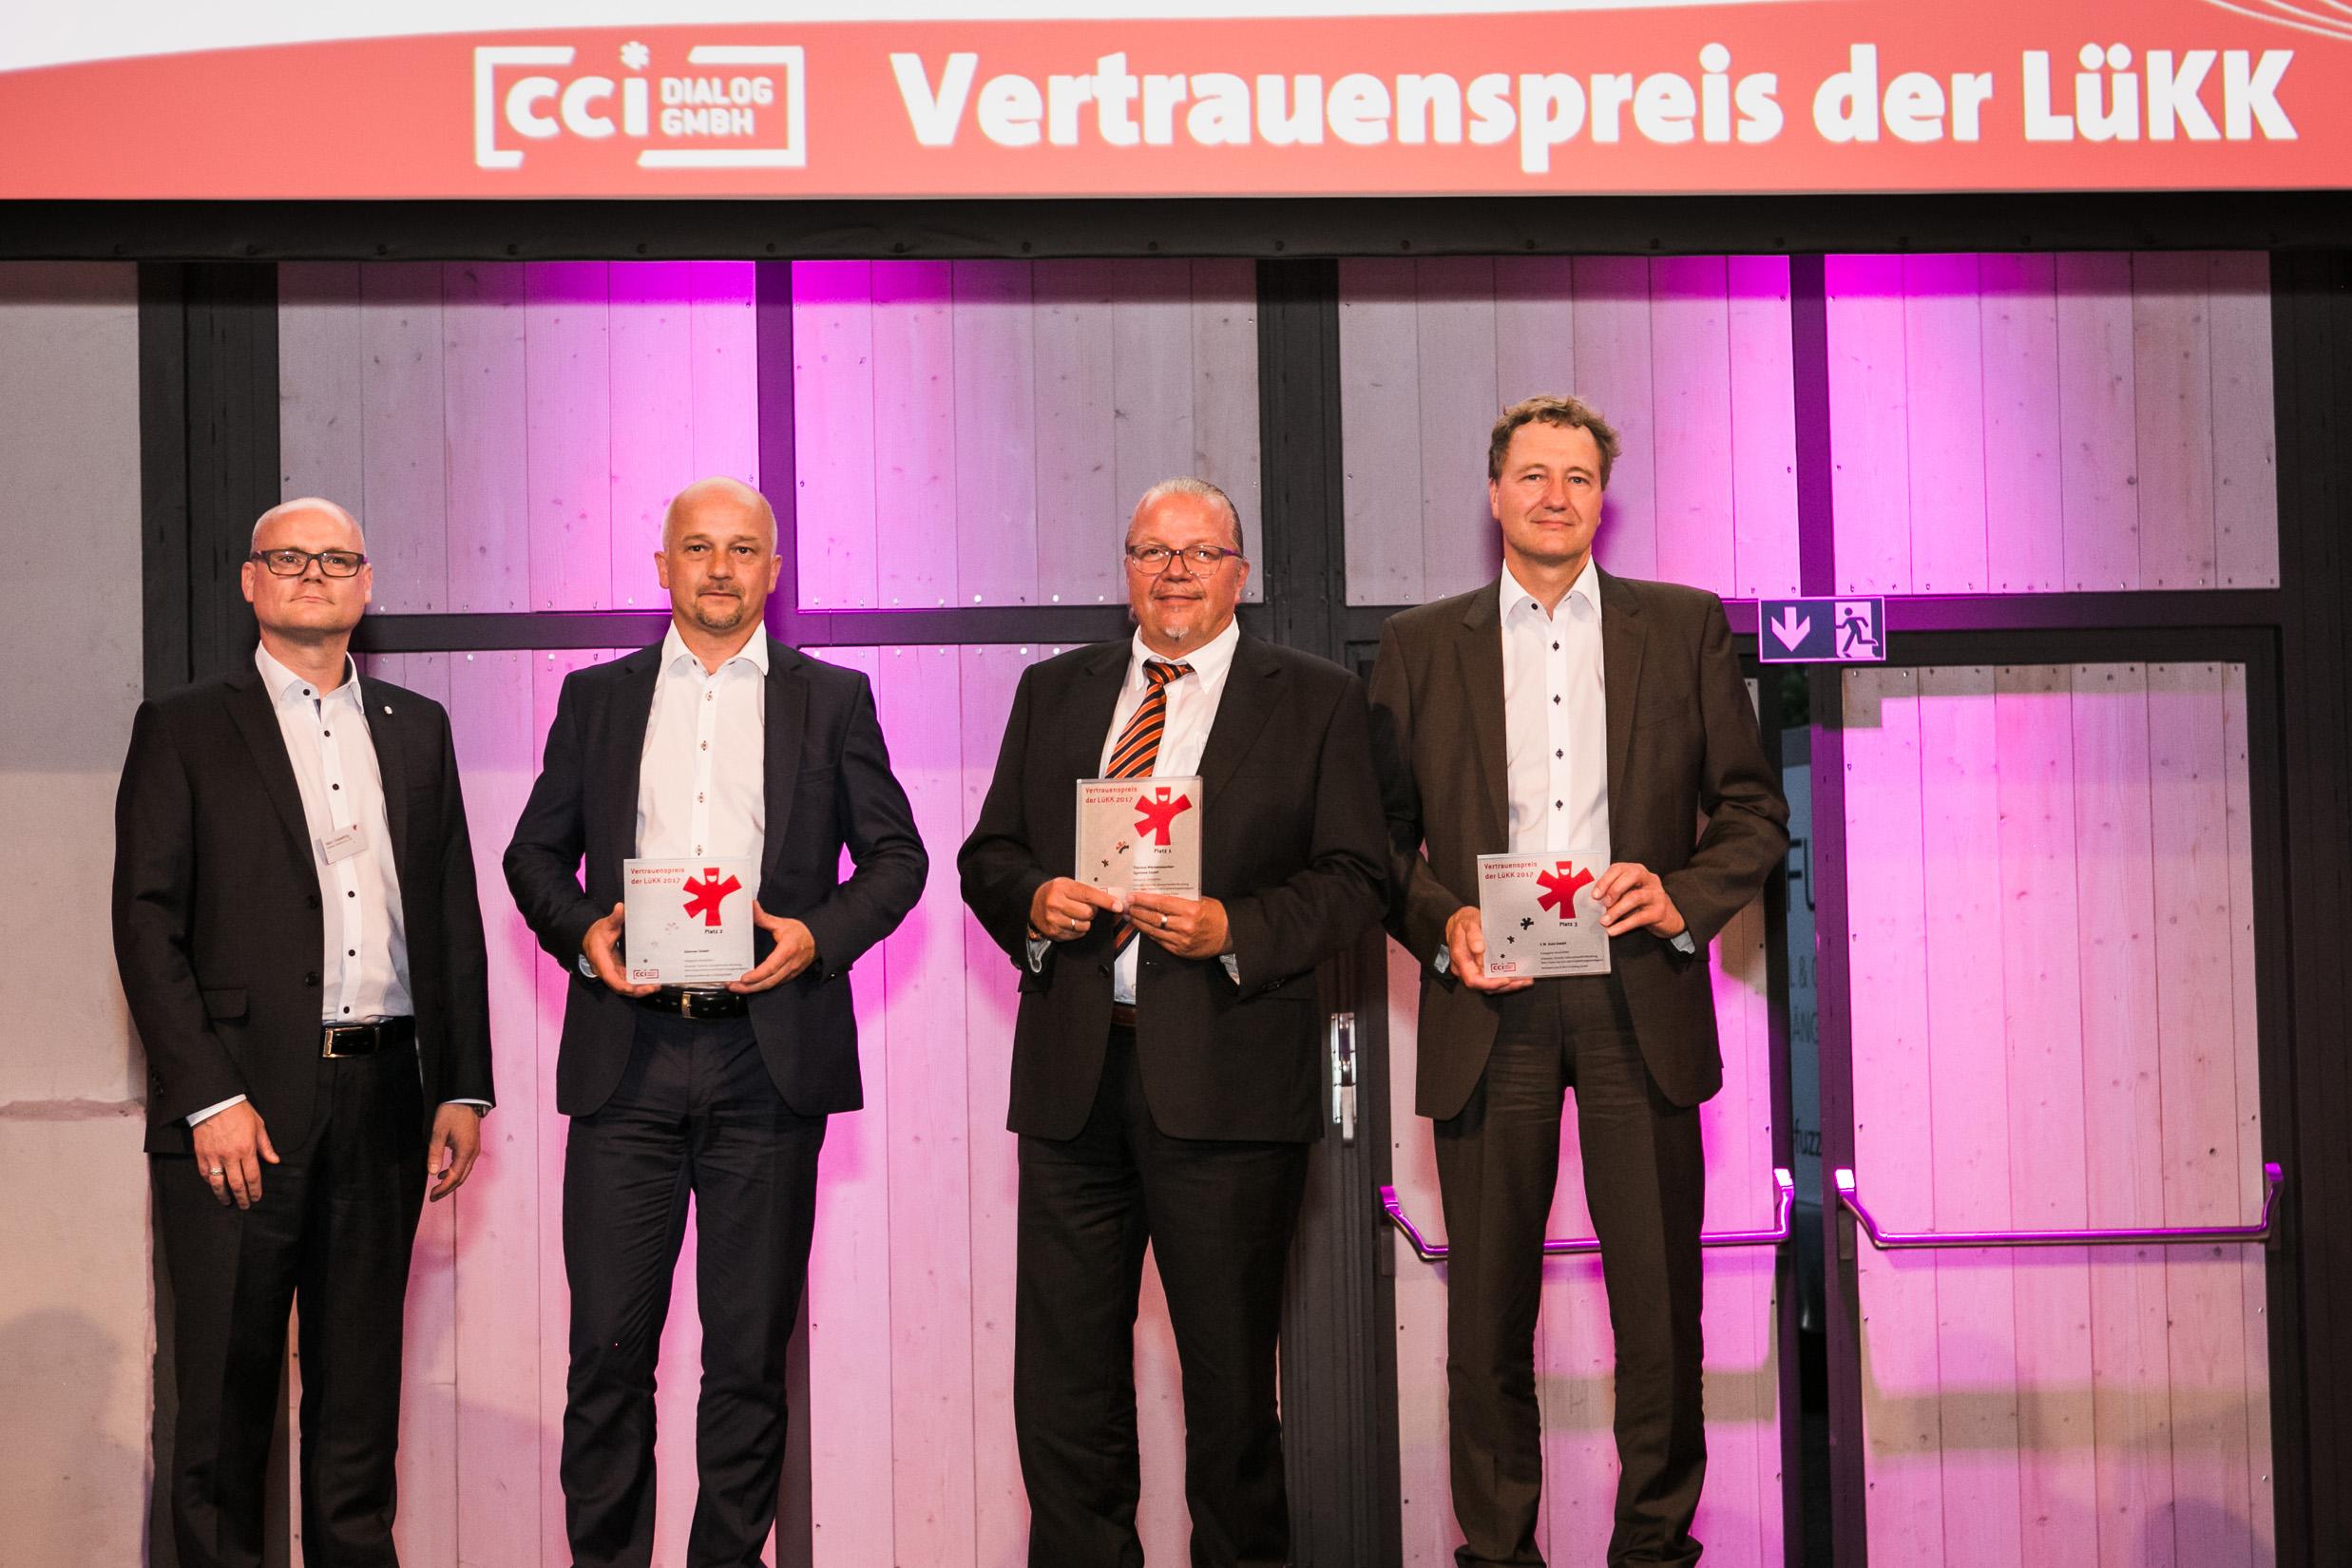 E.W. Gohl GmbH gewinnt Vertrauenspreis der LüKK